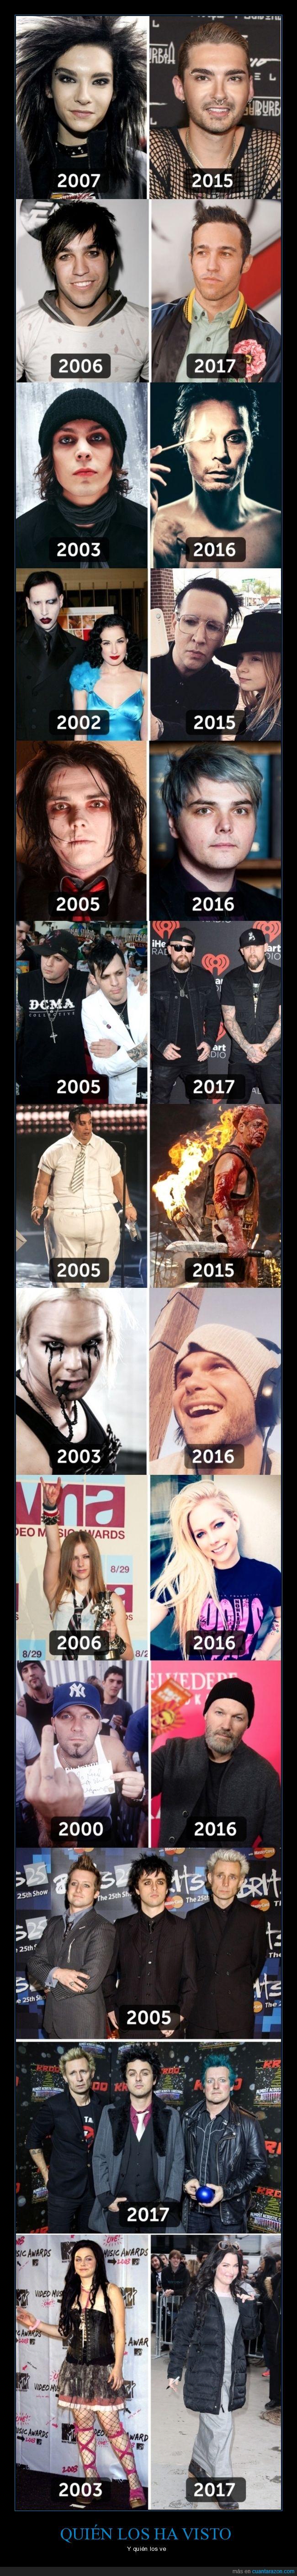 2000,ahora,antes,malotes,música,rock